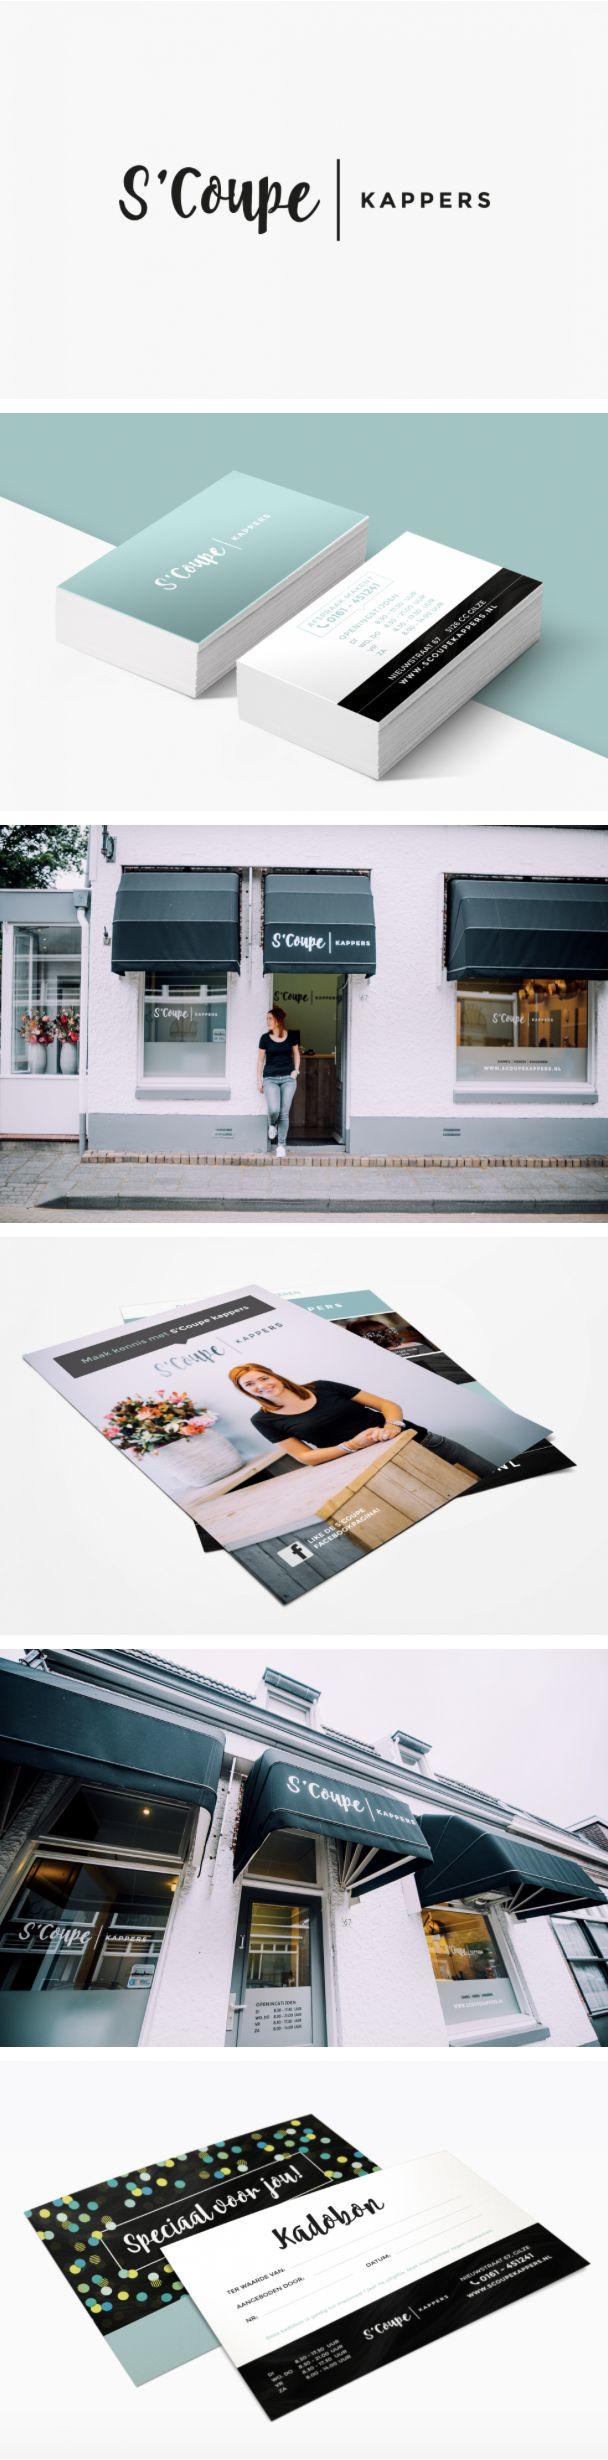 Ontwerp logo en huisstijl, bedenken bedrijfsnaam - door Juli Ontwerpburo